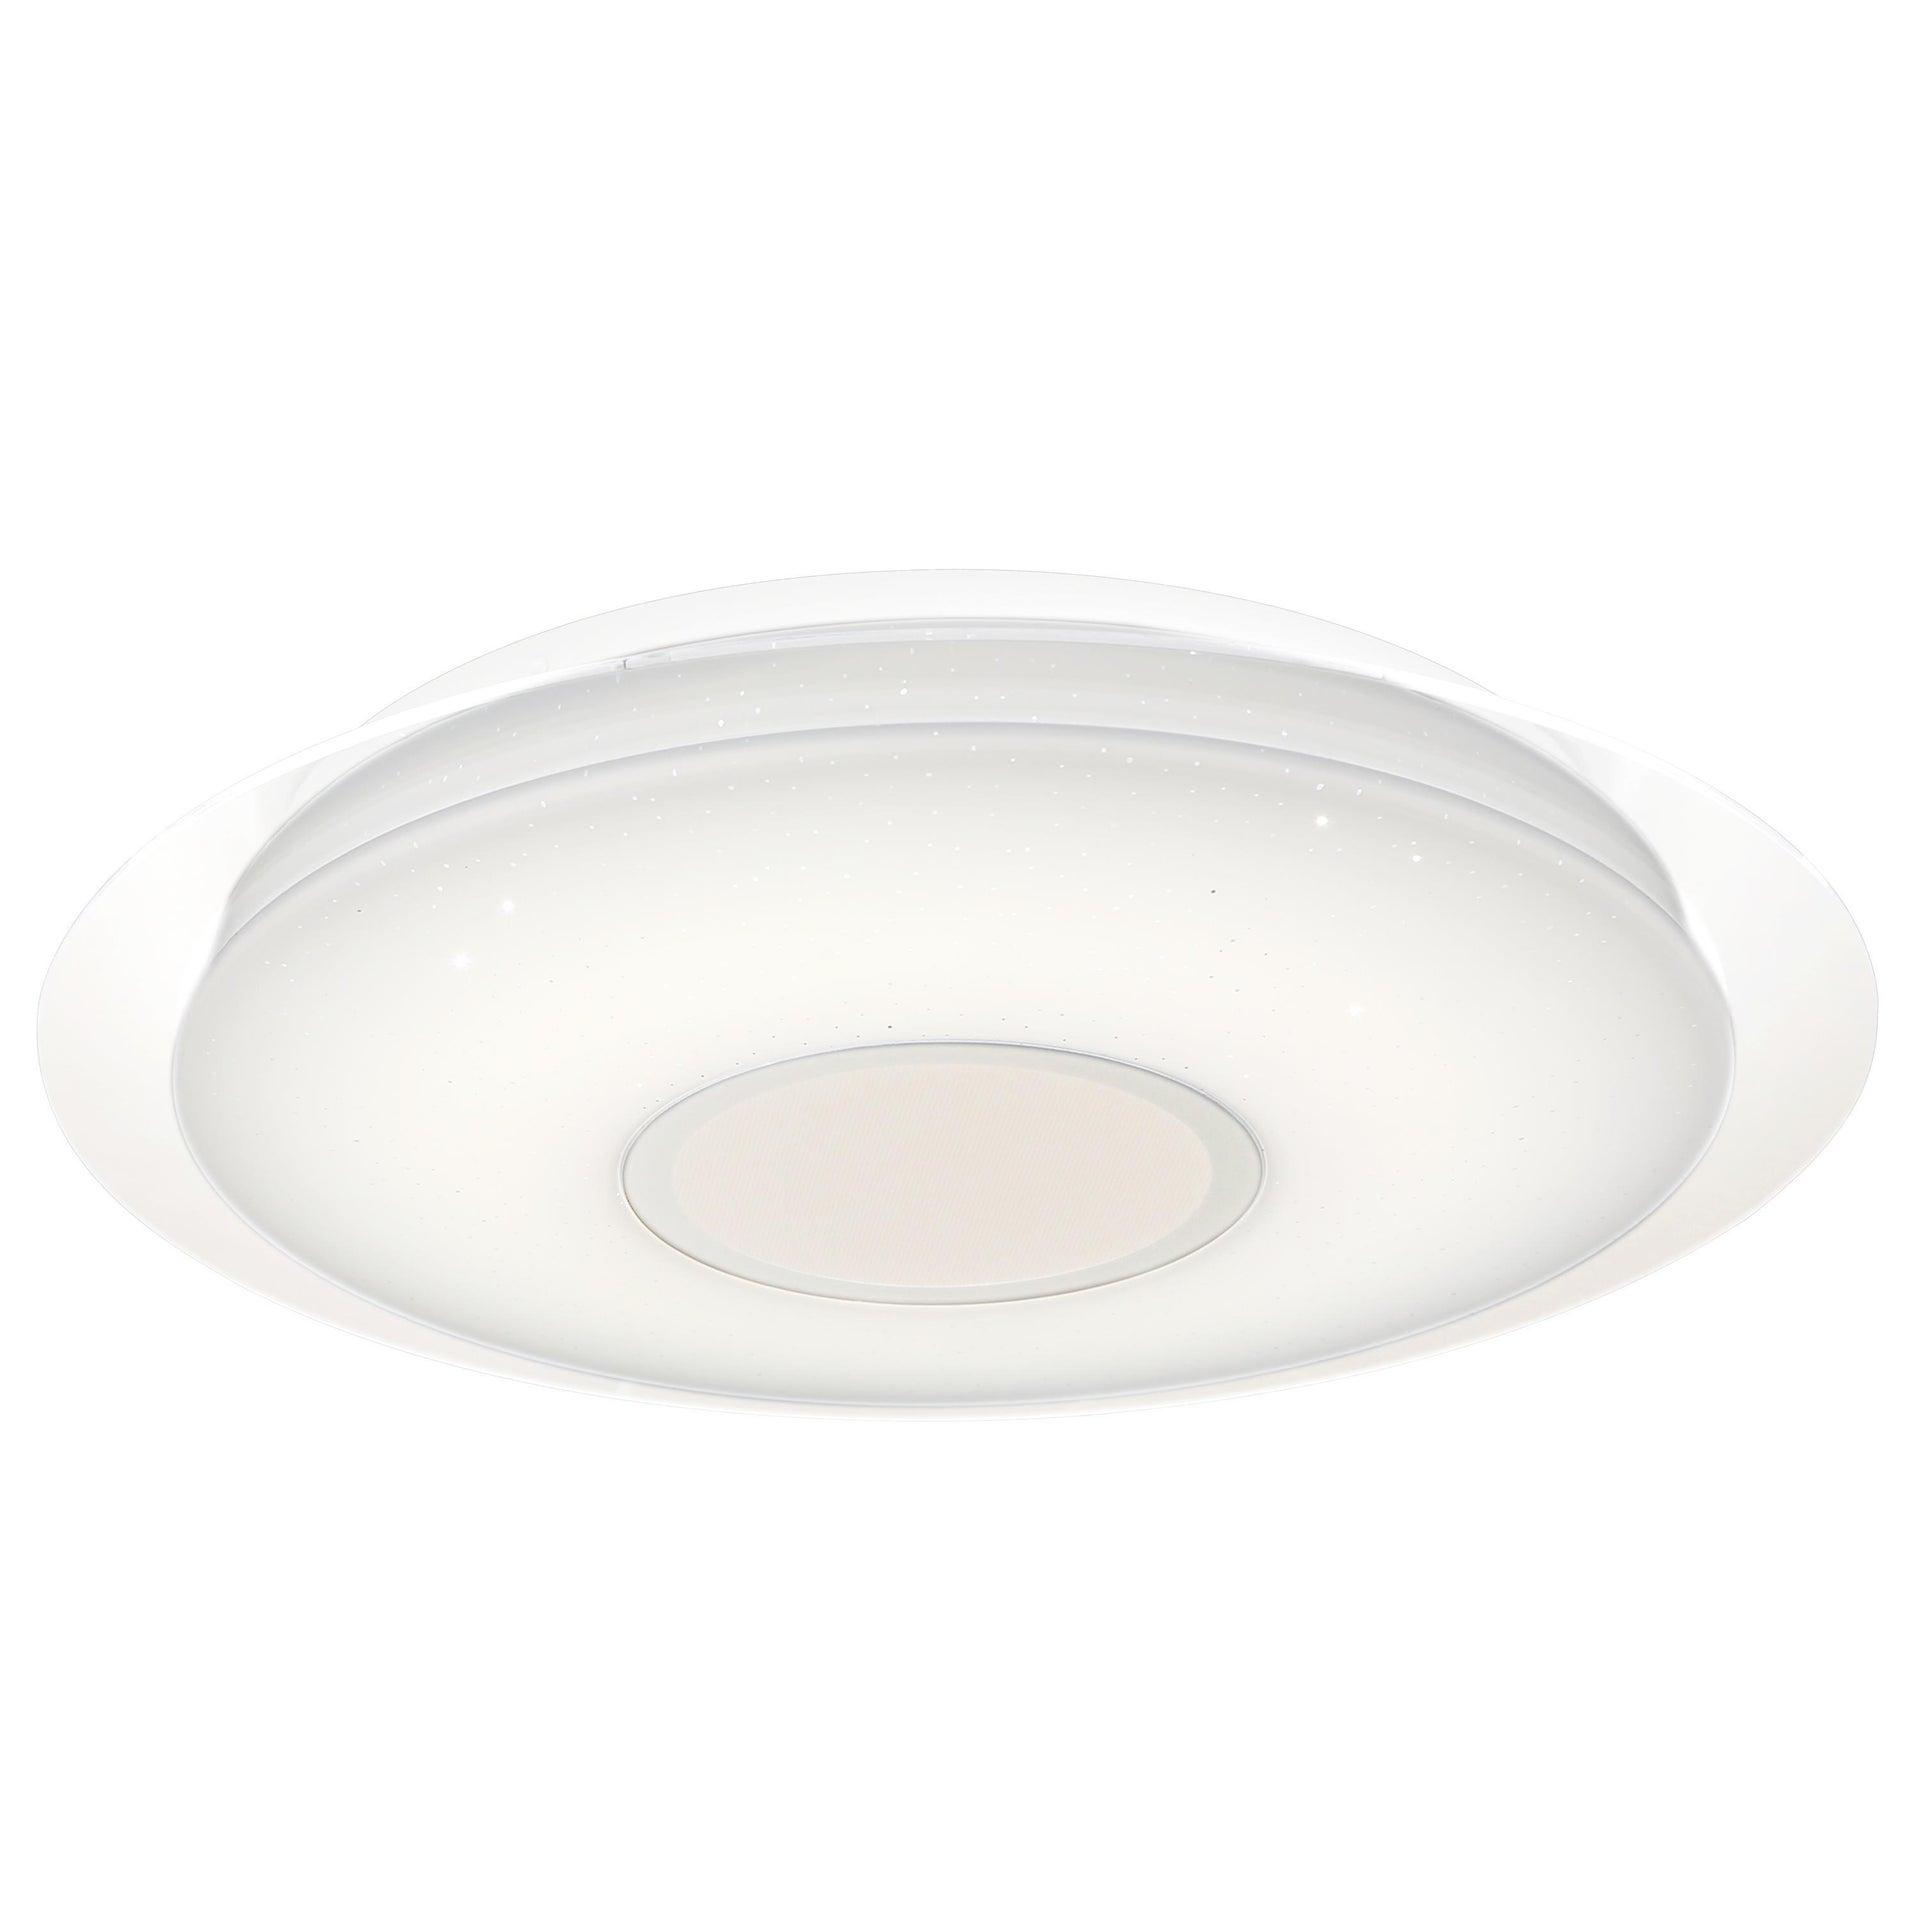 Plafoniera moderno Vizzini LED integrato bianco D. 40 cm 40x40 cm, INSPIRE - 4